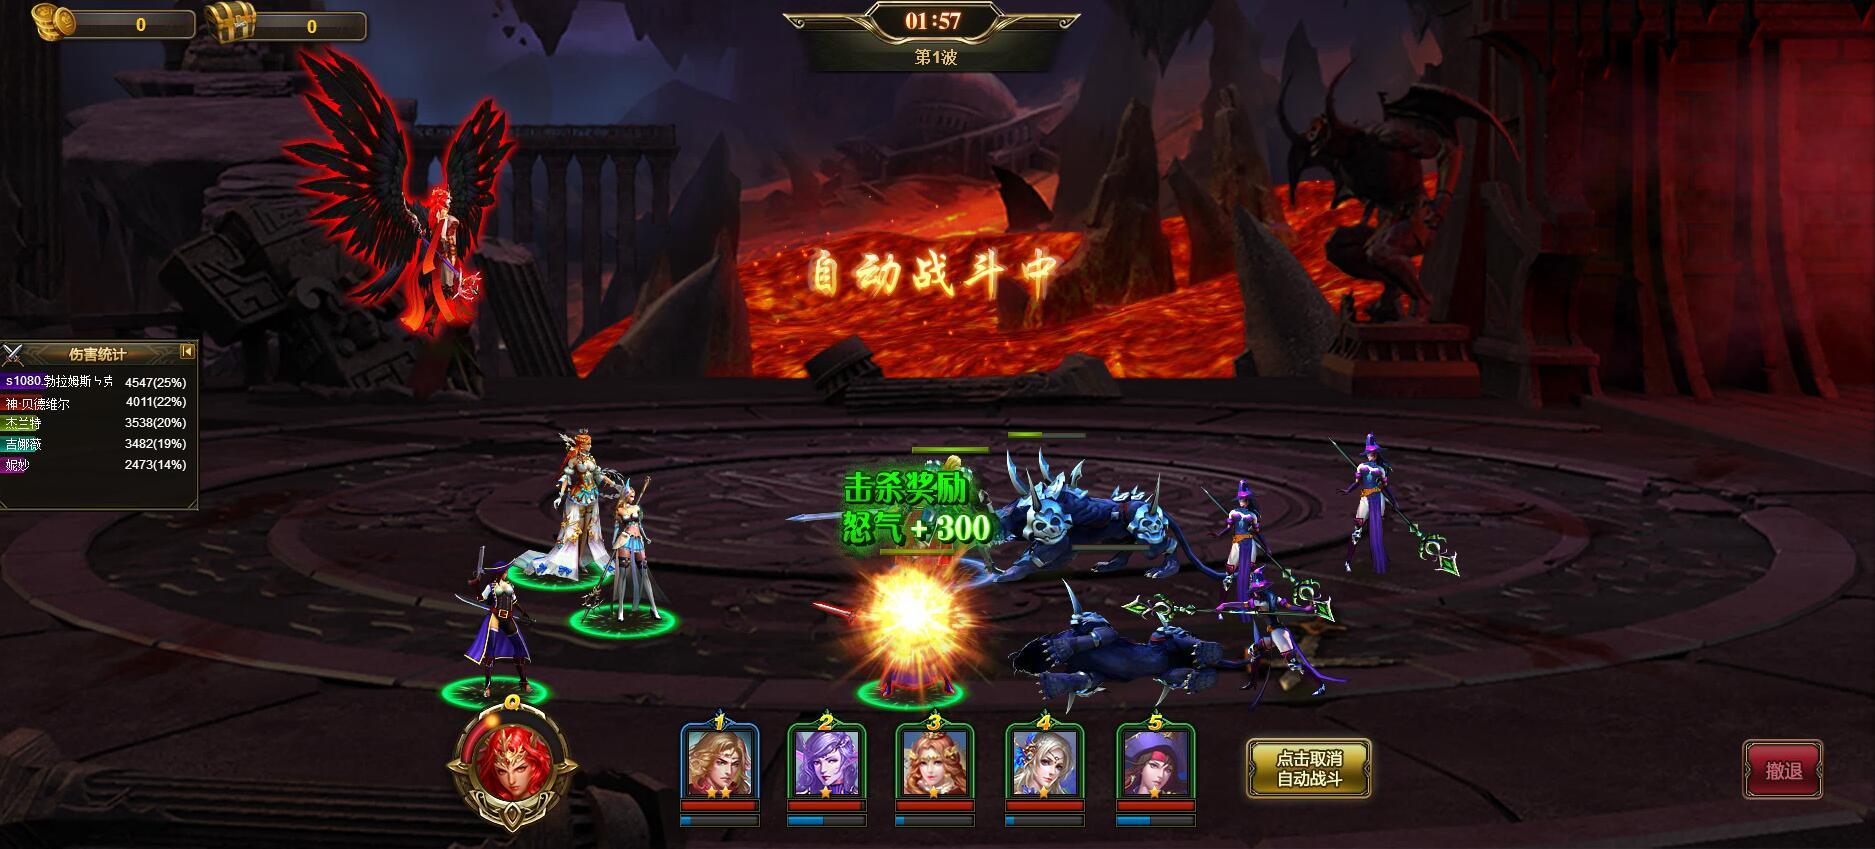 《暗黑毁灭神》游戏截图